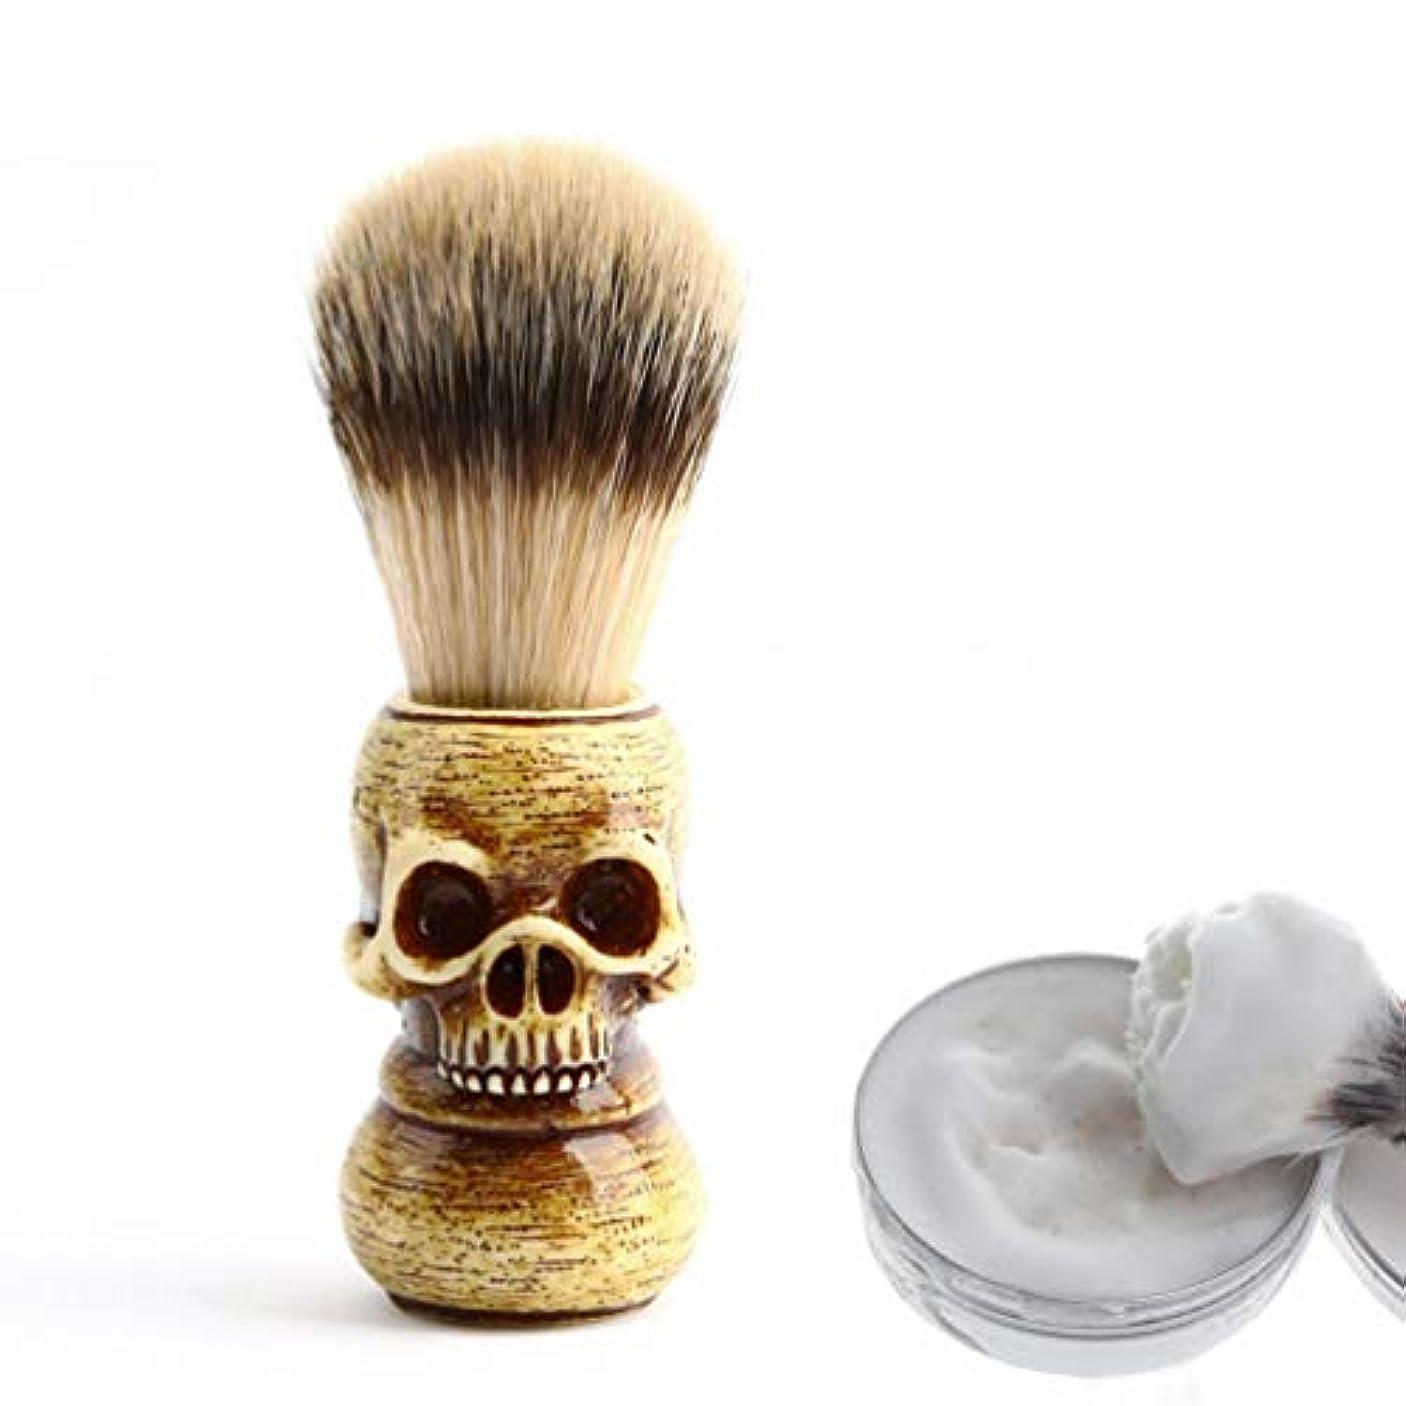 繰り返し以降拡張Vosarea 1ピーススカルヘッドひげブラシポータブルメンズ軽量アナグマヘアブラシ口ひげ毛剃りブラシグルーミングツール